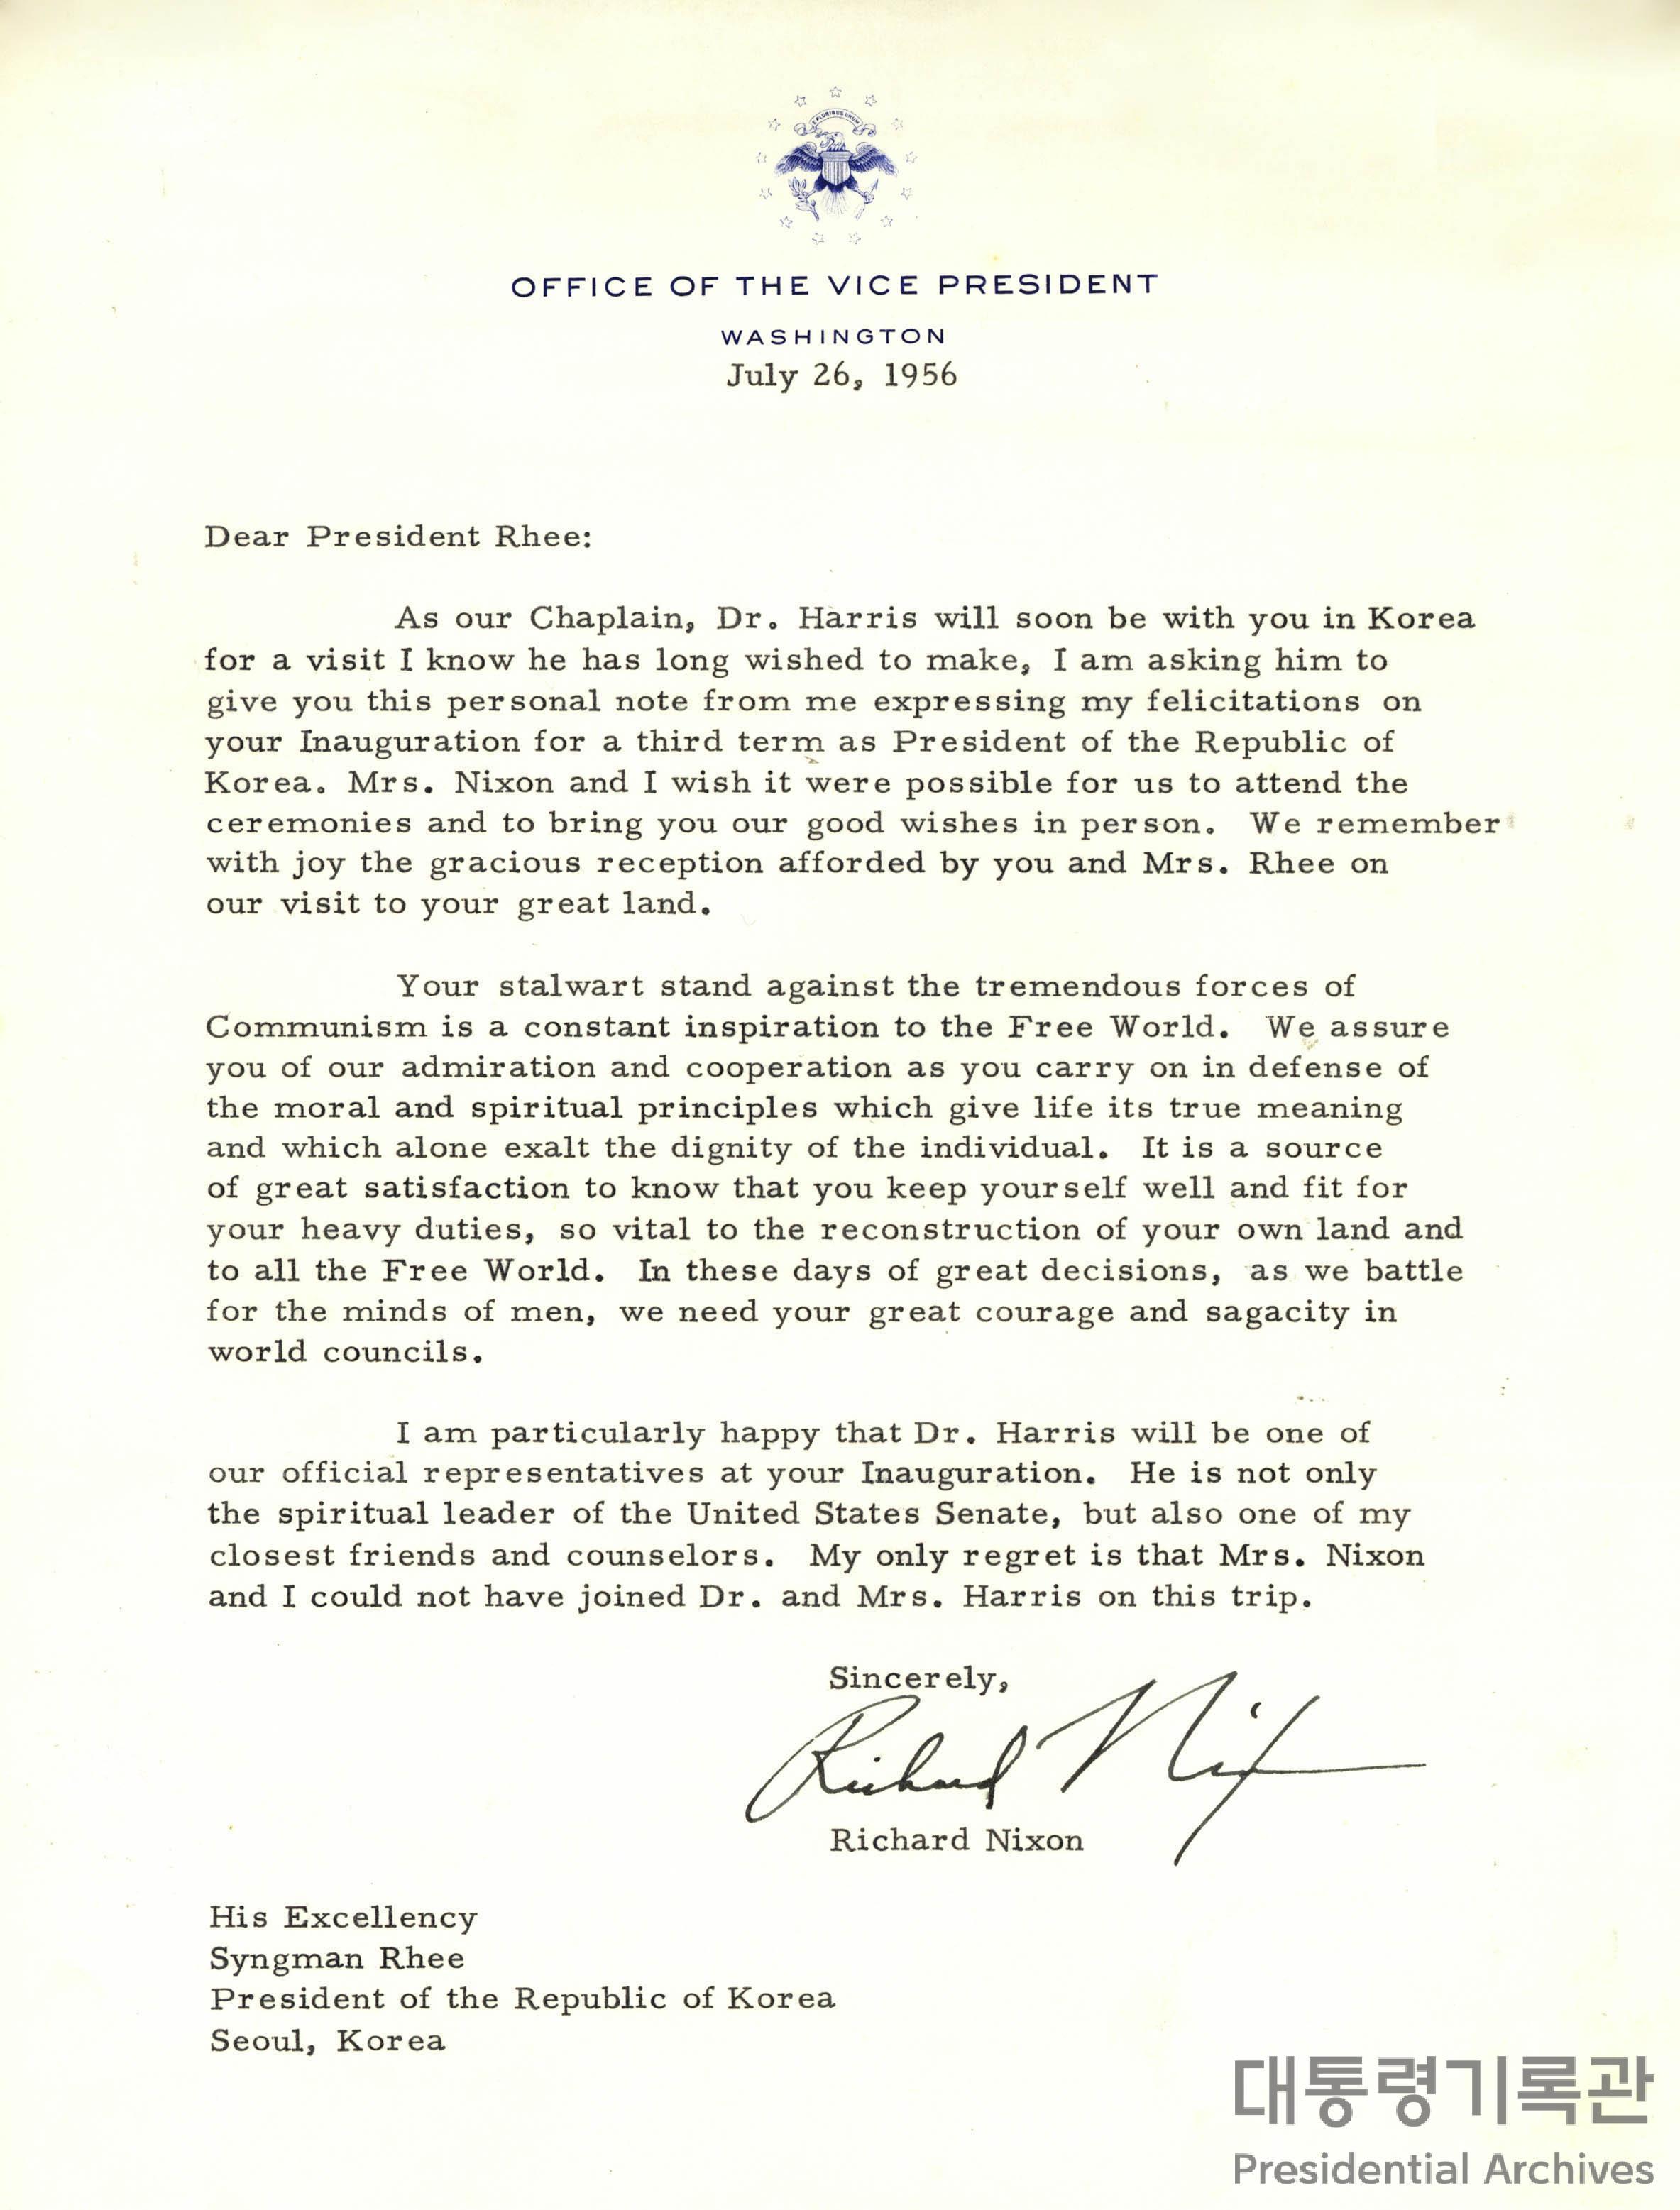 리차드 닉슨(Richard Nixon)이 이승만 대통령에게 보낸 3선 취임축하 서한